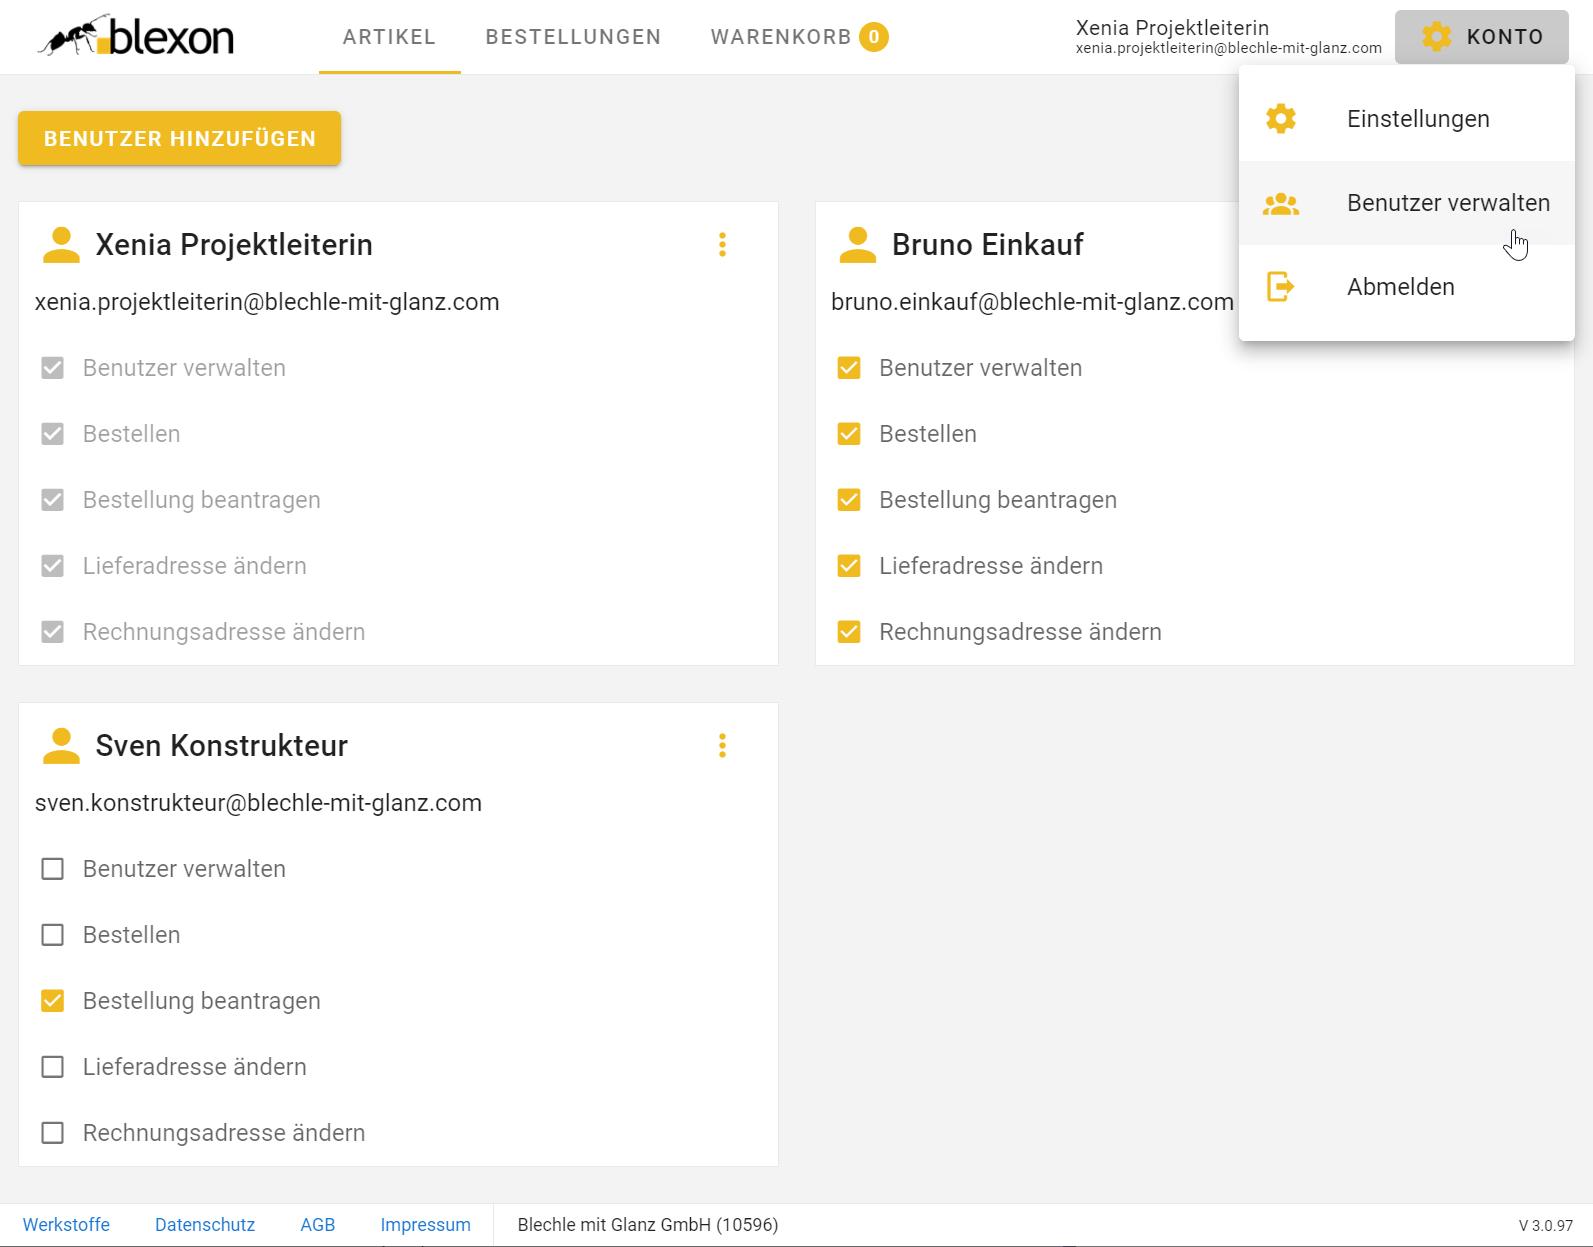 In der Blexon Benutzerverwaltung können Mitarbeiter hinzugefügt und deren Berechtigungen angepasst werden